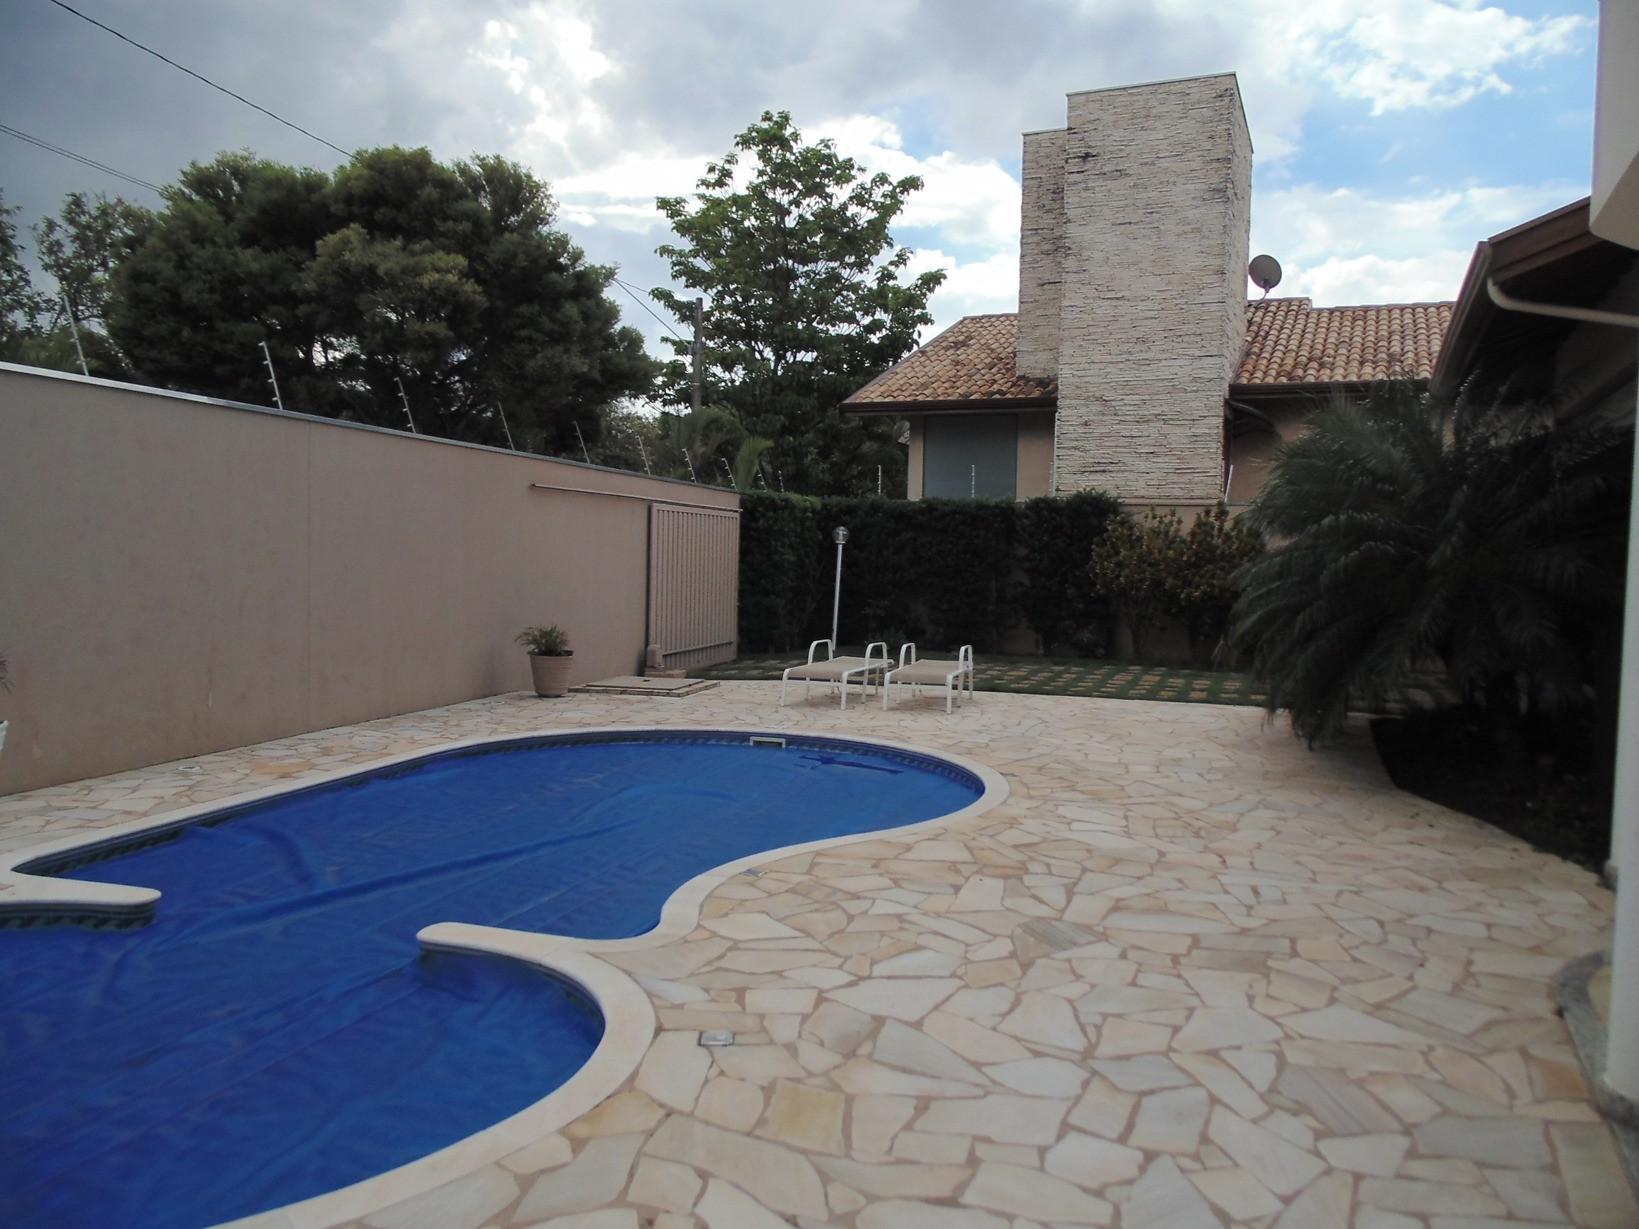 Casa de 4 dormitórios em Colinas Dos Alamos, Valinhos - SP